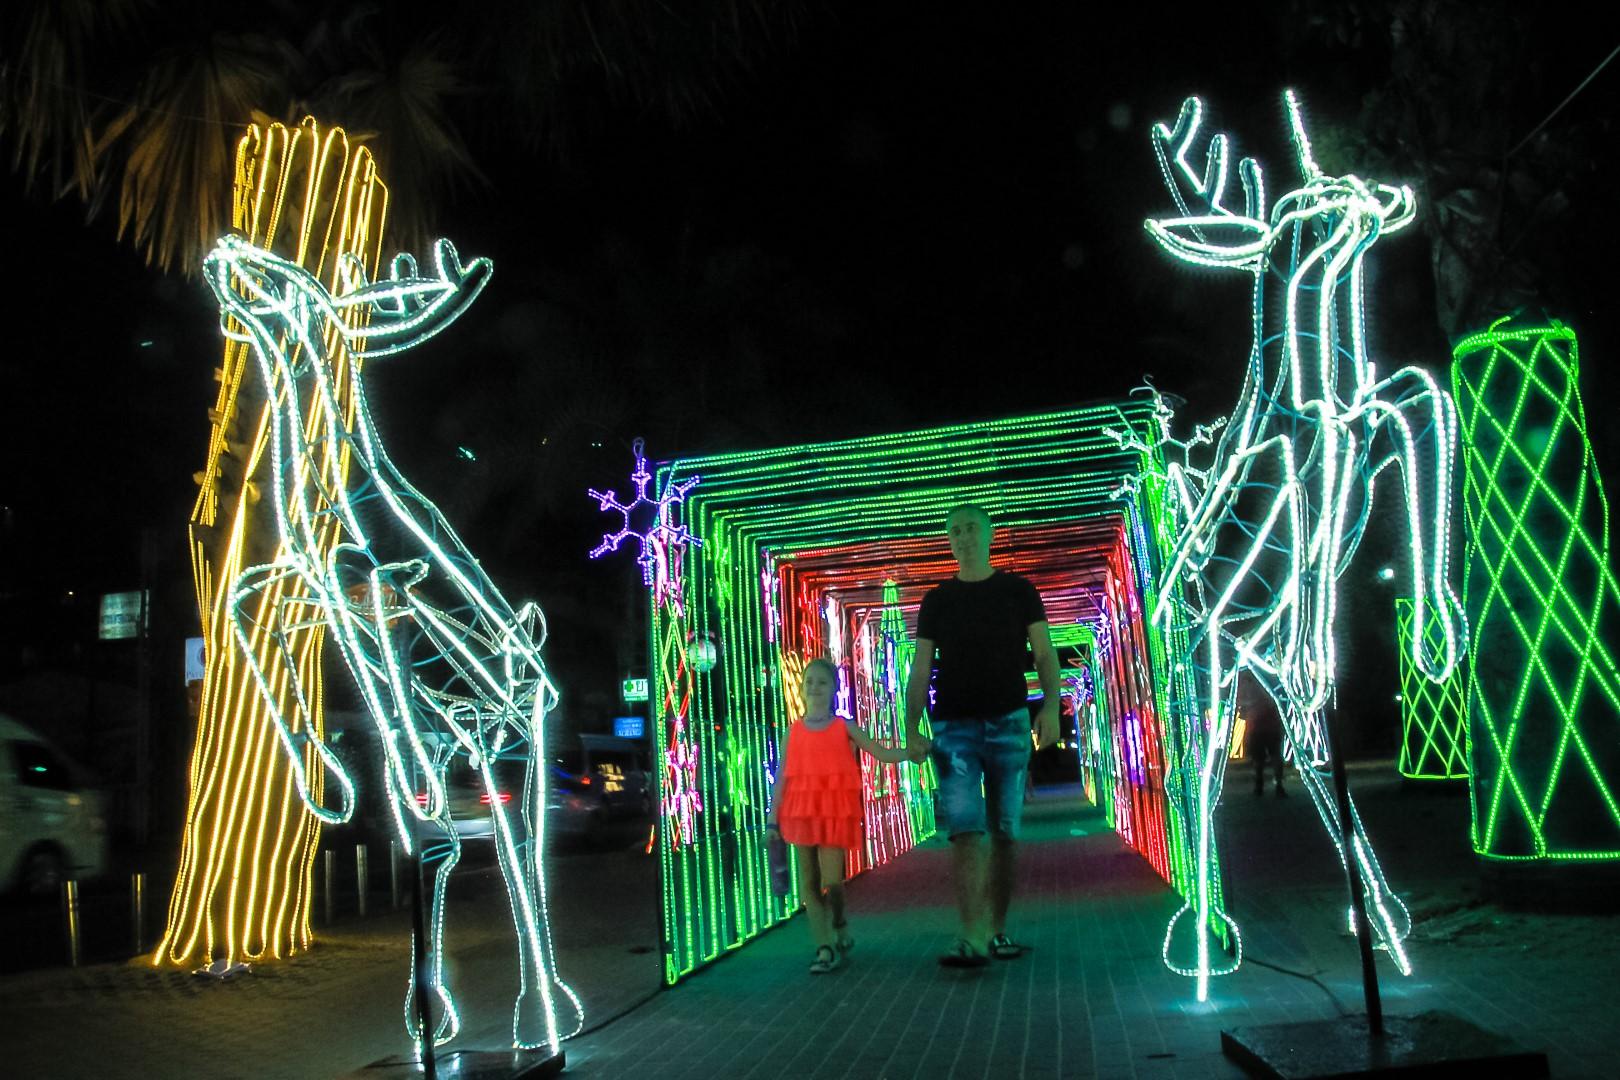 เทศกาลแห่งความสุข เมืองพัทยาจัดซุ้มประตูไฟและแสงสี ตลอดแนวชายหาดพัทยา